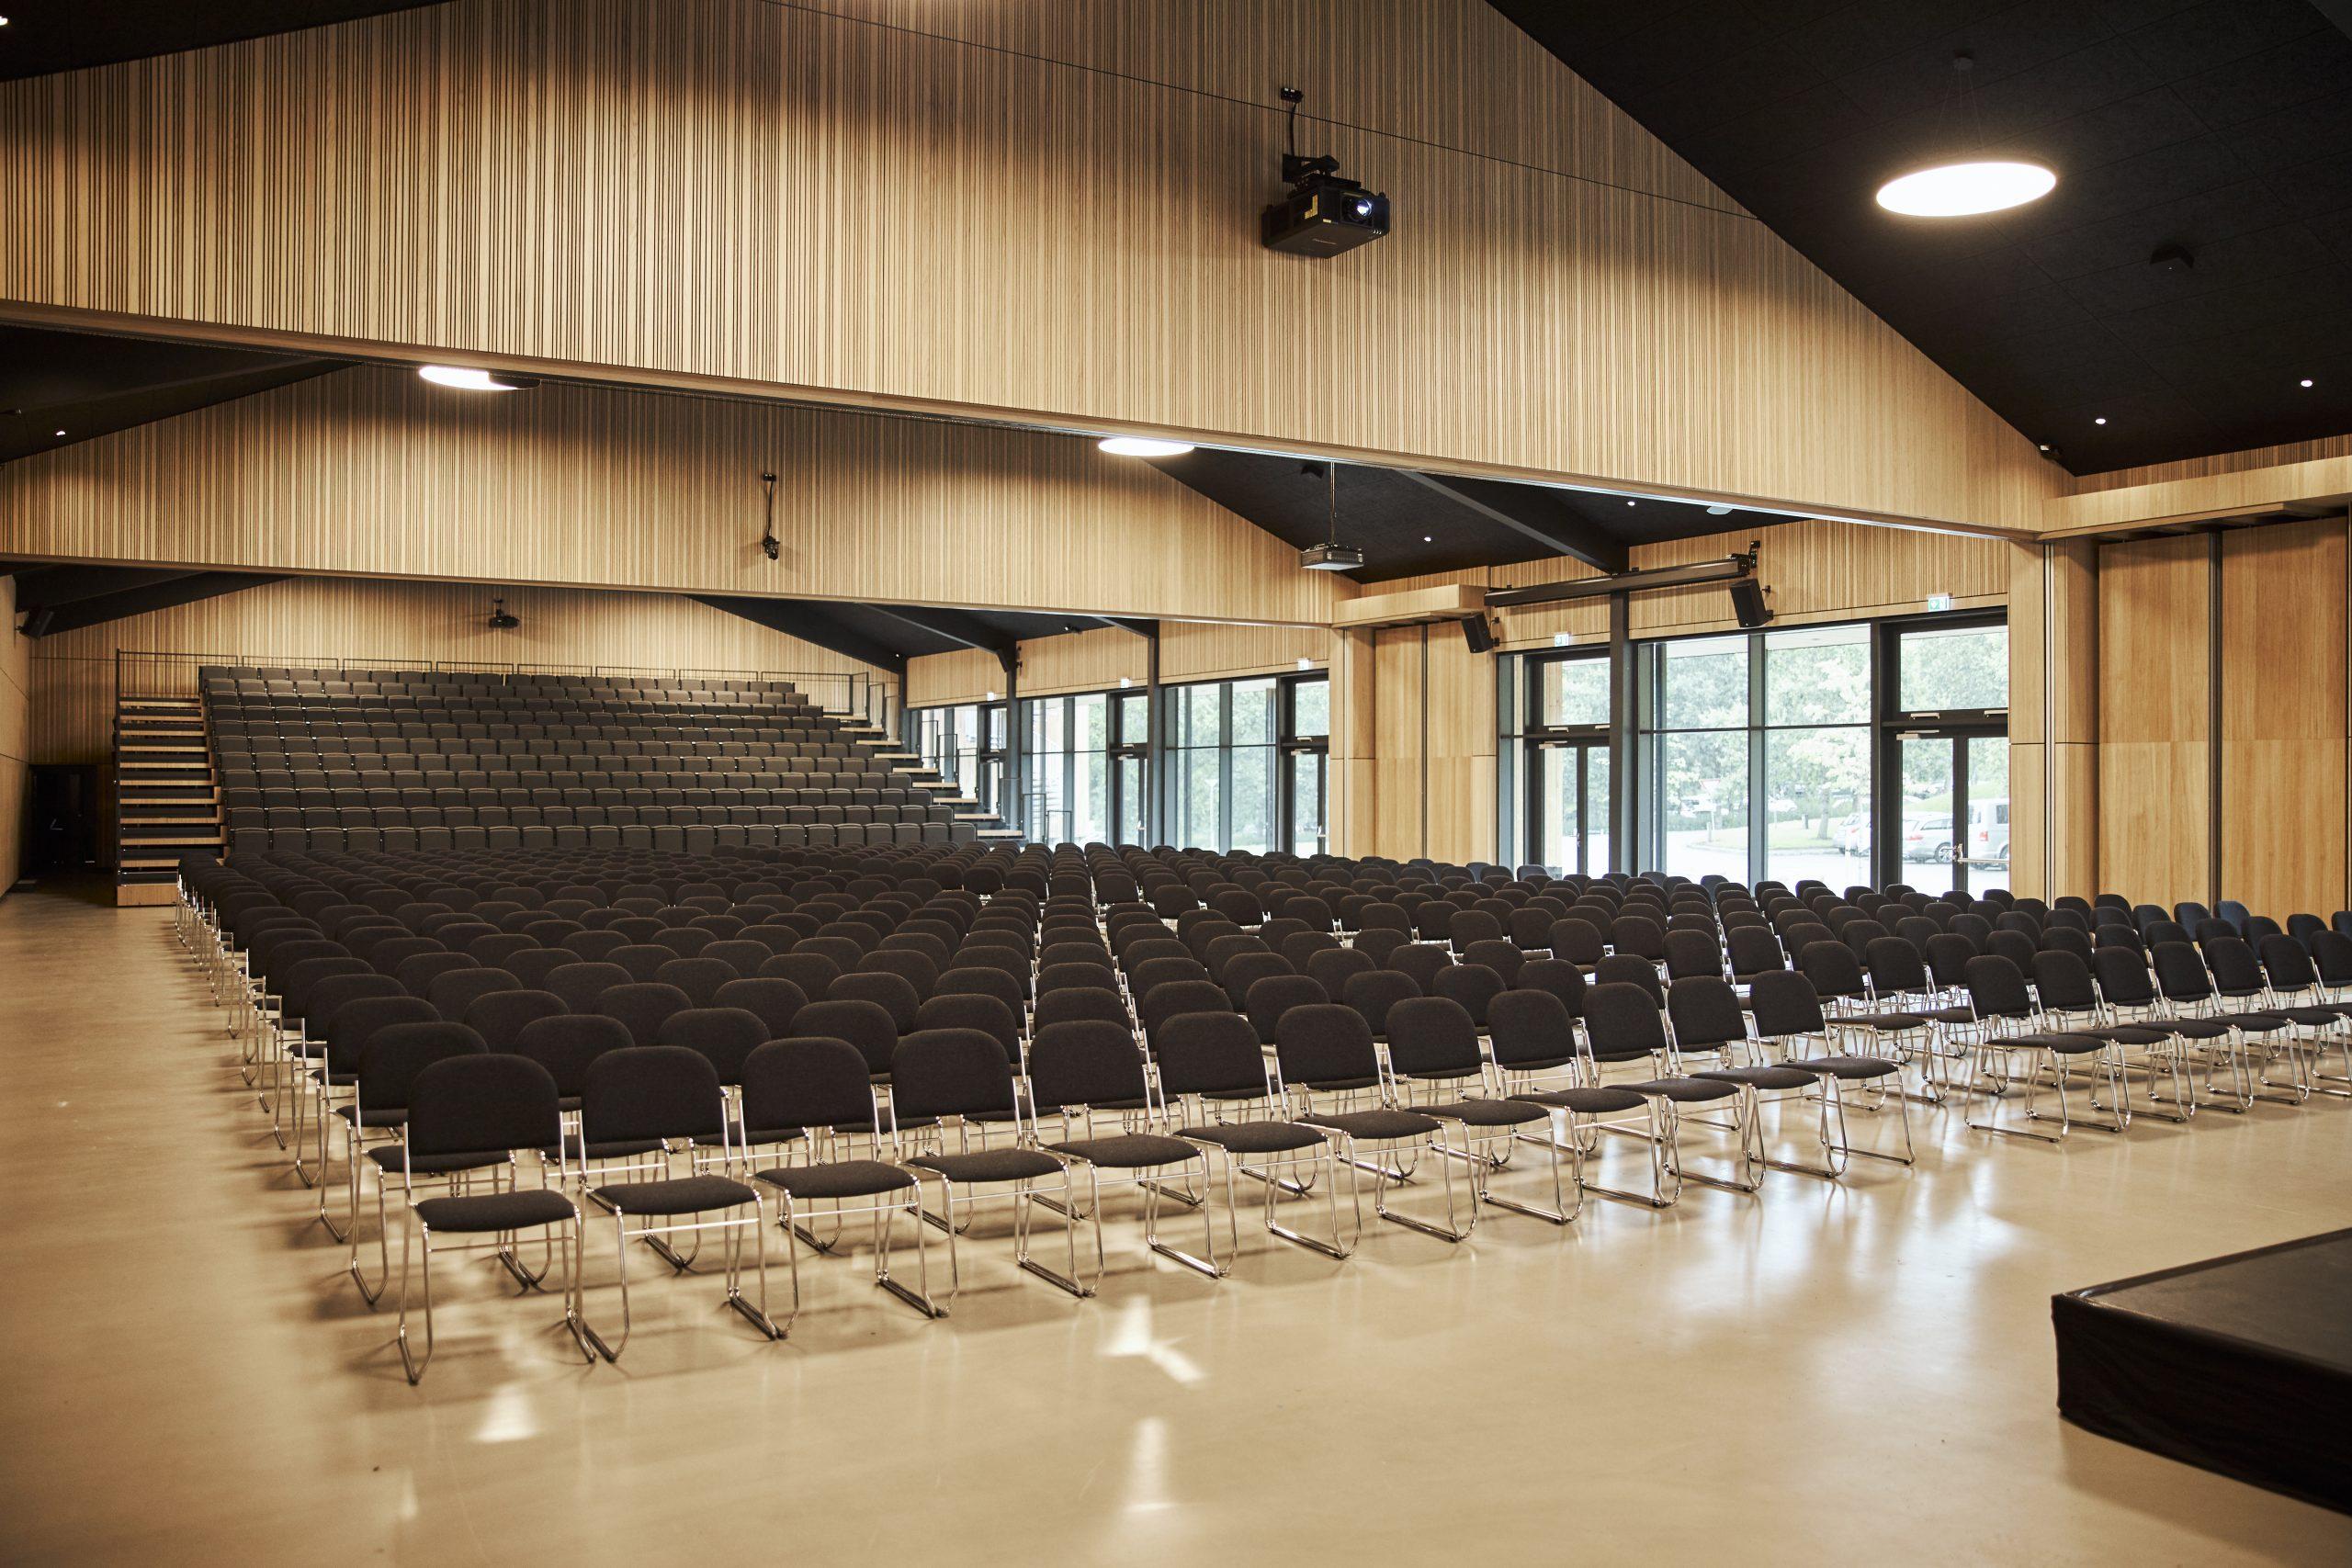 Den danske møde- og eventbranche kan fra 8. juni have 30 til 50 deltagere, men branchen ønsker tallet hævet til mindst 100. Arkivpressefoto fra Vingsted Hotel & Konferencecenter, Kenneth Stjernegaard.